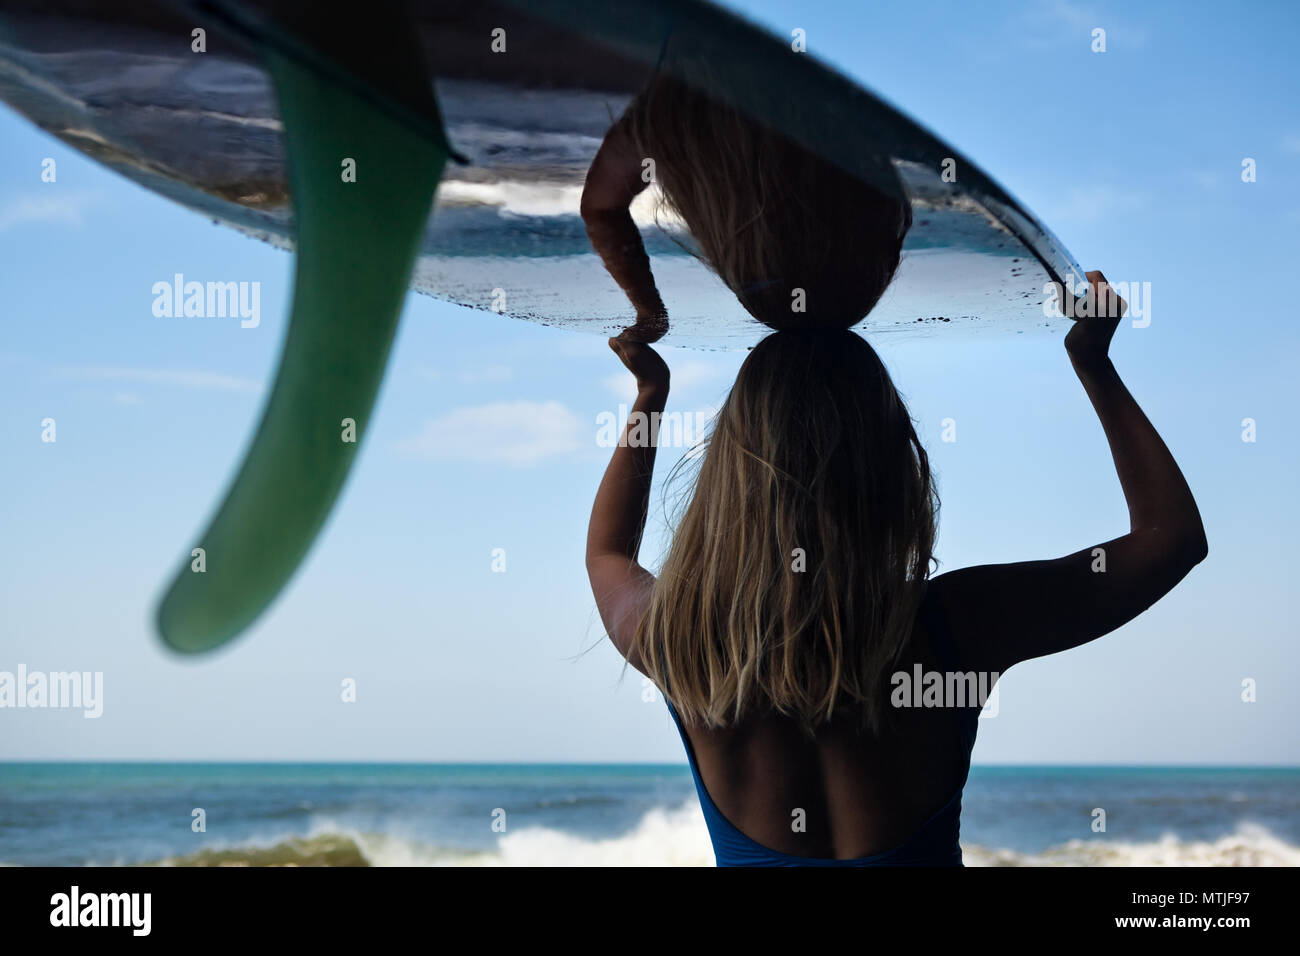 Girl in bikini with surfboard à pied sur la plage de sable noir. Femme surfeur surf en mer et d'eau douce avec mousse blanche. Les personnes actives dans le sport aventure Banque D'Images